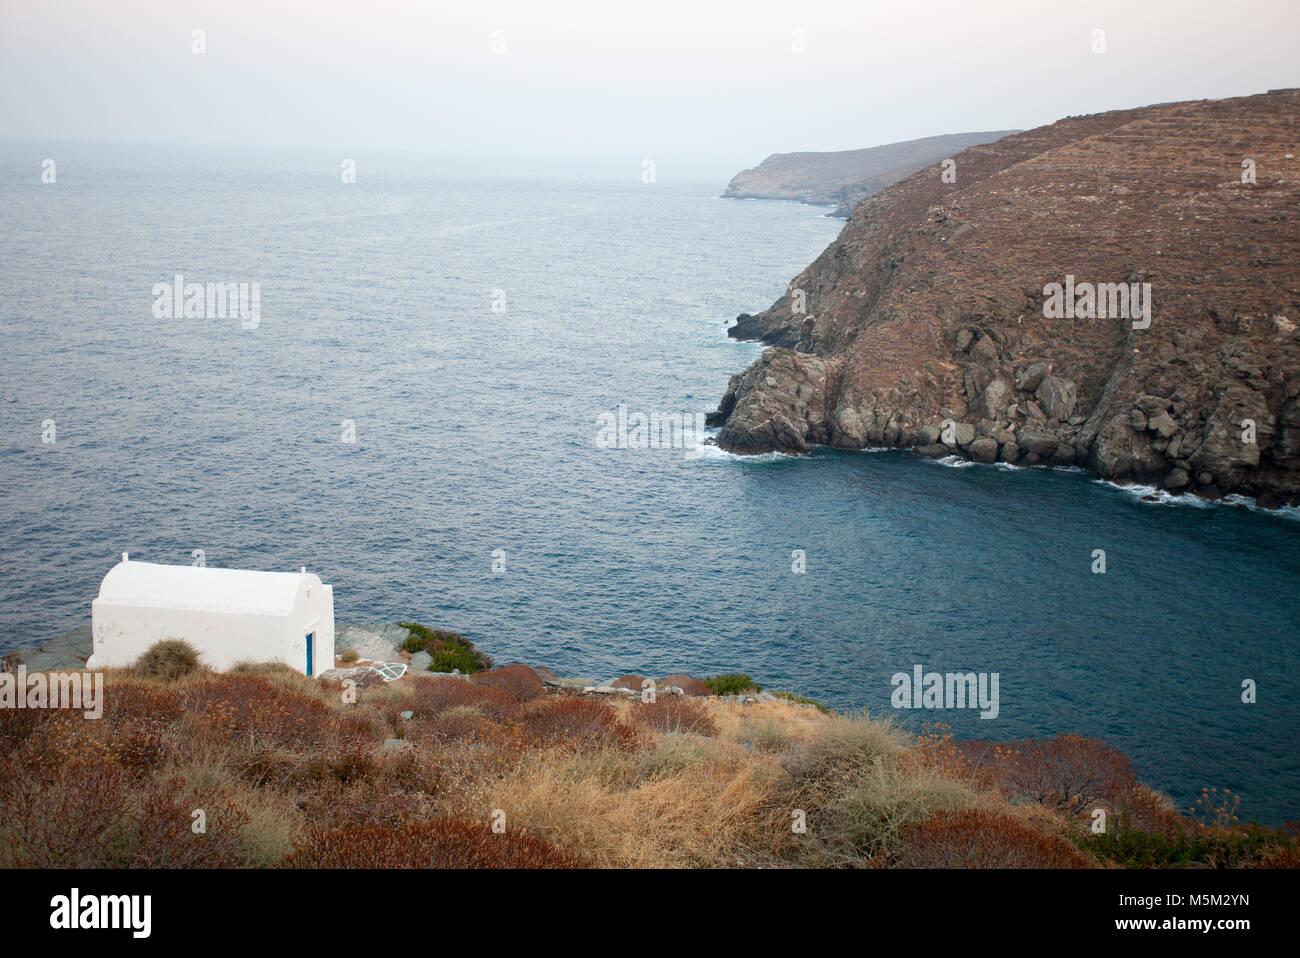 Einem weiß getünchten Kirche, Insel Sifnos, Kykladen, Griechenland. Mediterran gedeckten Farben Farbpalette Stockbild